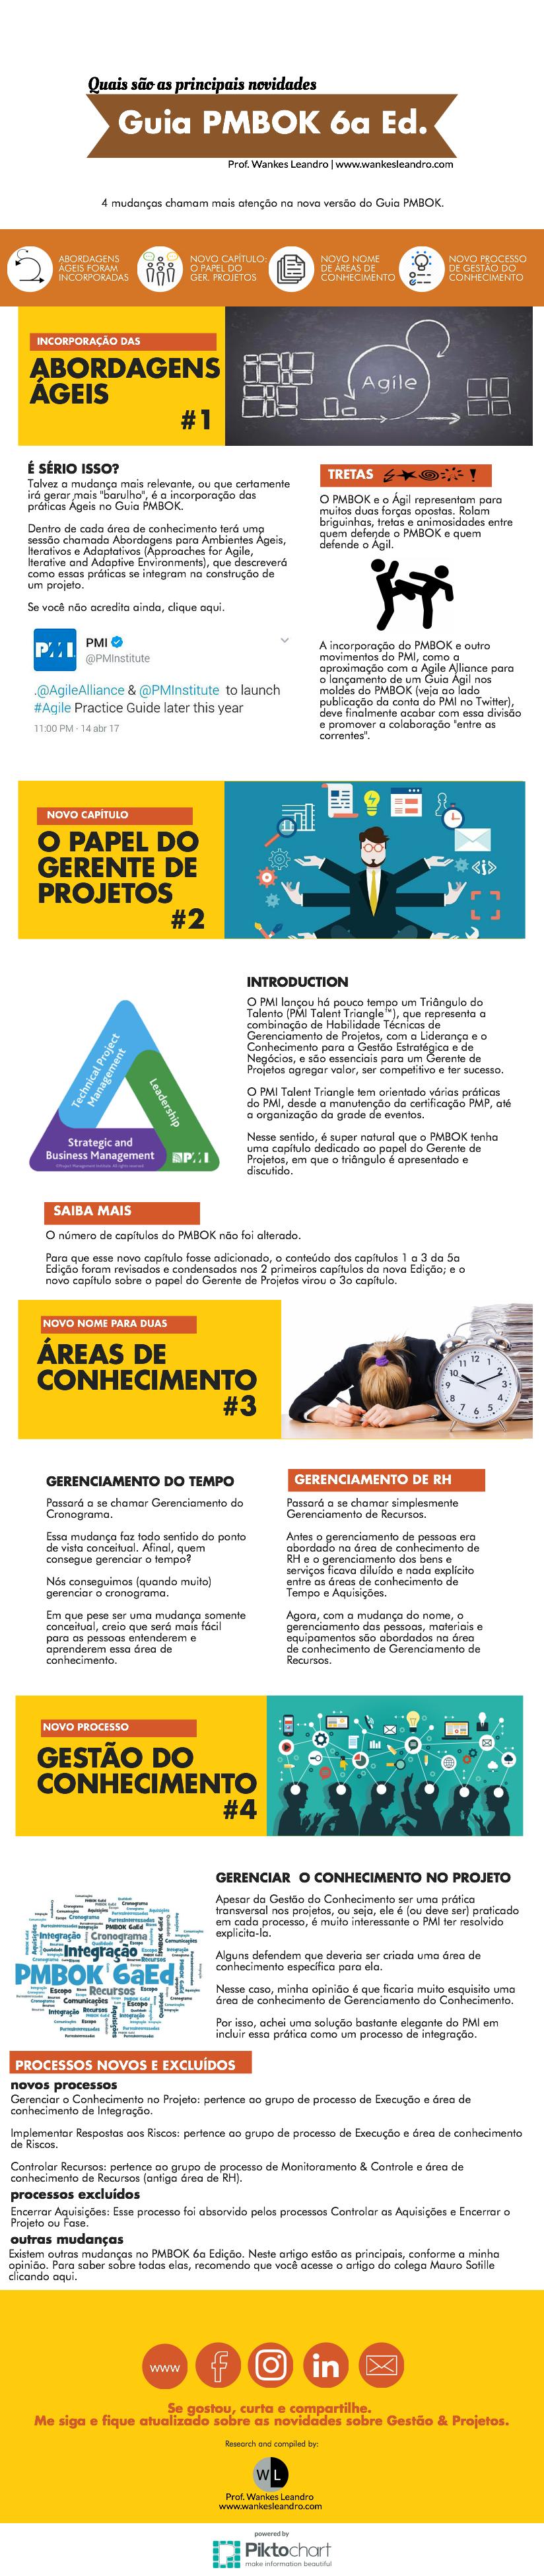 infográfico pombos 6a edição - prof wankes leandro